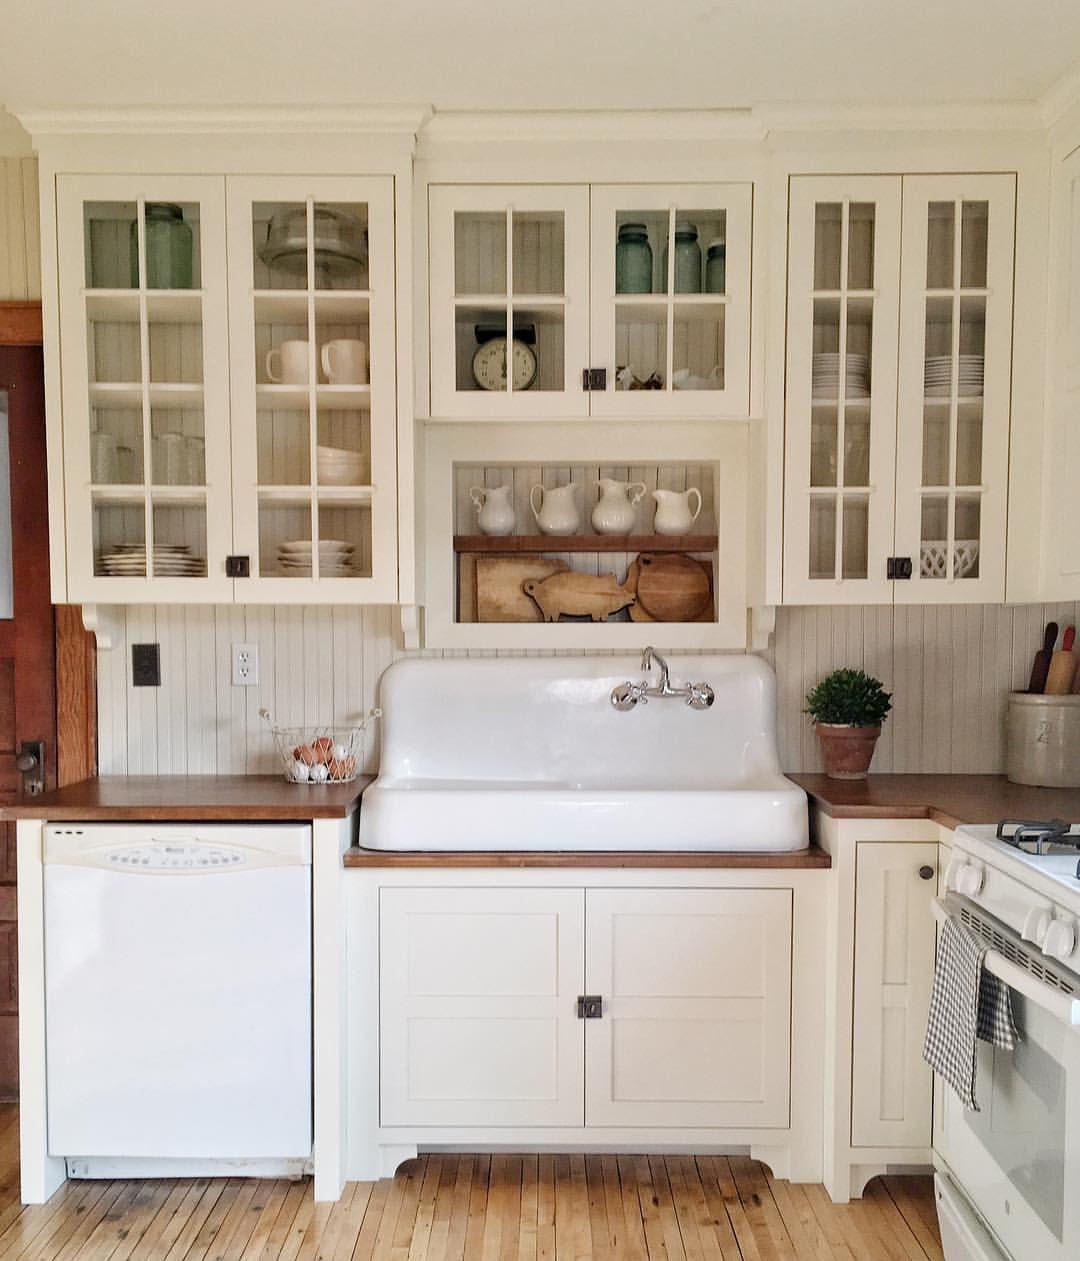 Gemütlich Benutzerdefinierte Küchentische Uk Gemacht Galerie - Ideen ...